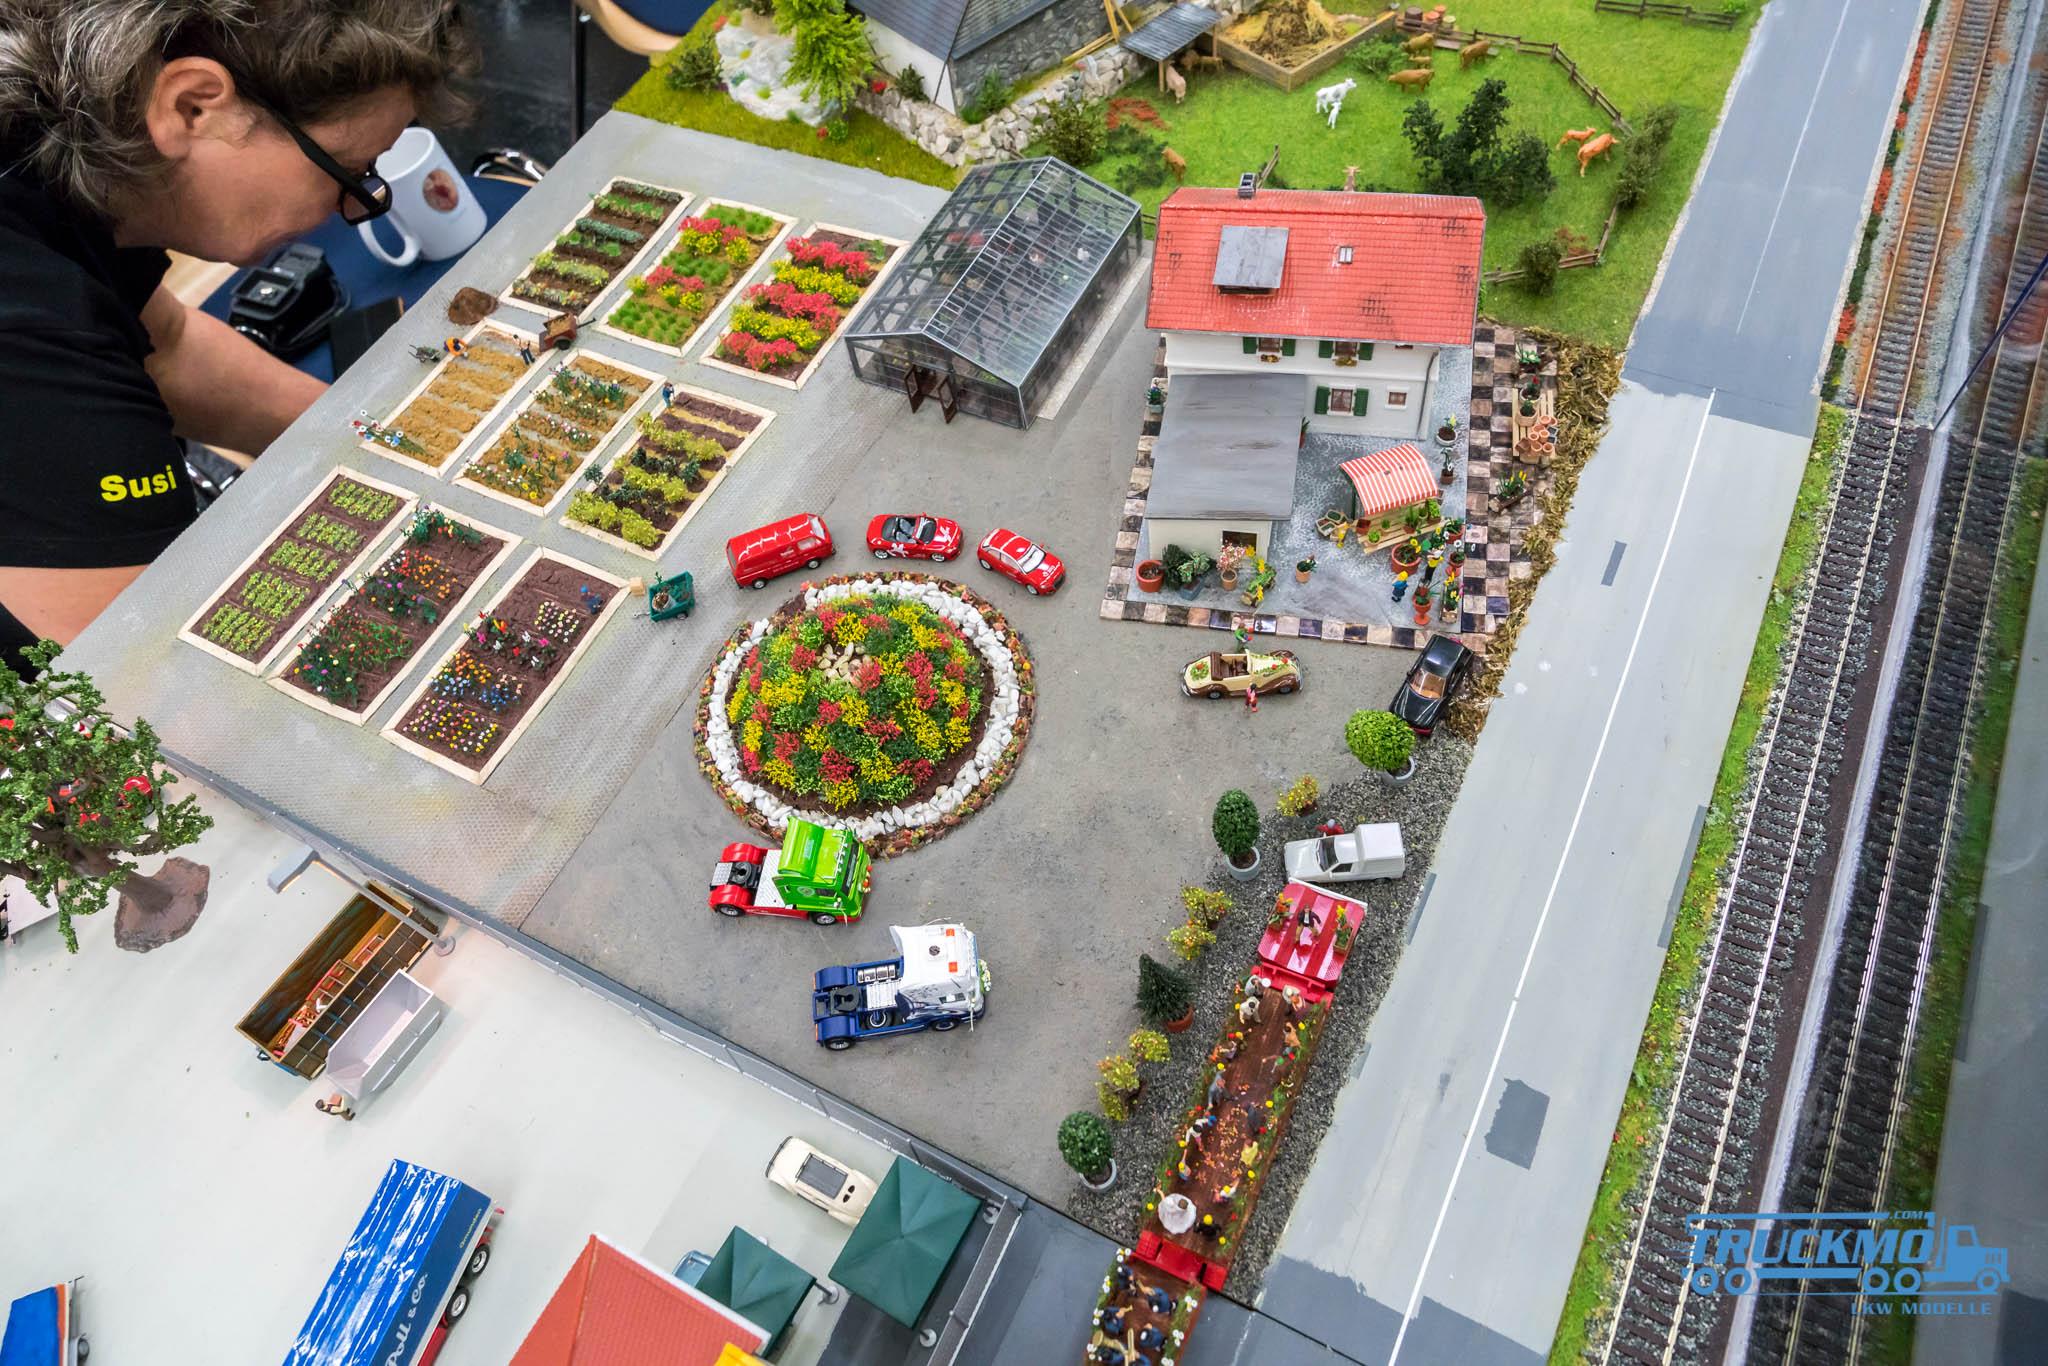 Truckmo_Modellbau_Ried_2017_Herpa_Messe_Modellbauausstellung (272 von 1177)